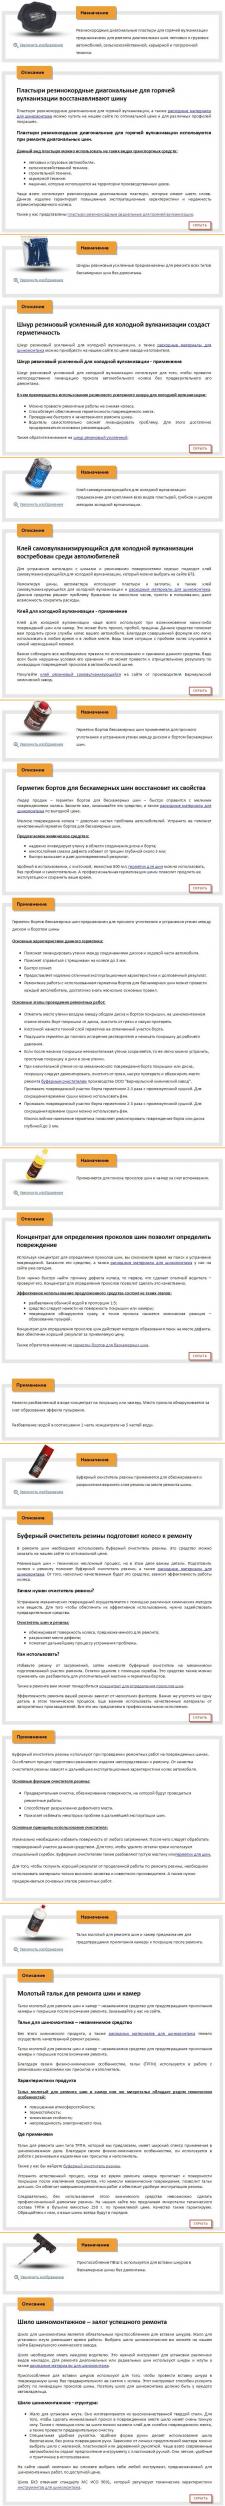 ИНТЕРНЕТ-МАГАЗИН | АВТО, bchp.ru